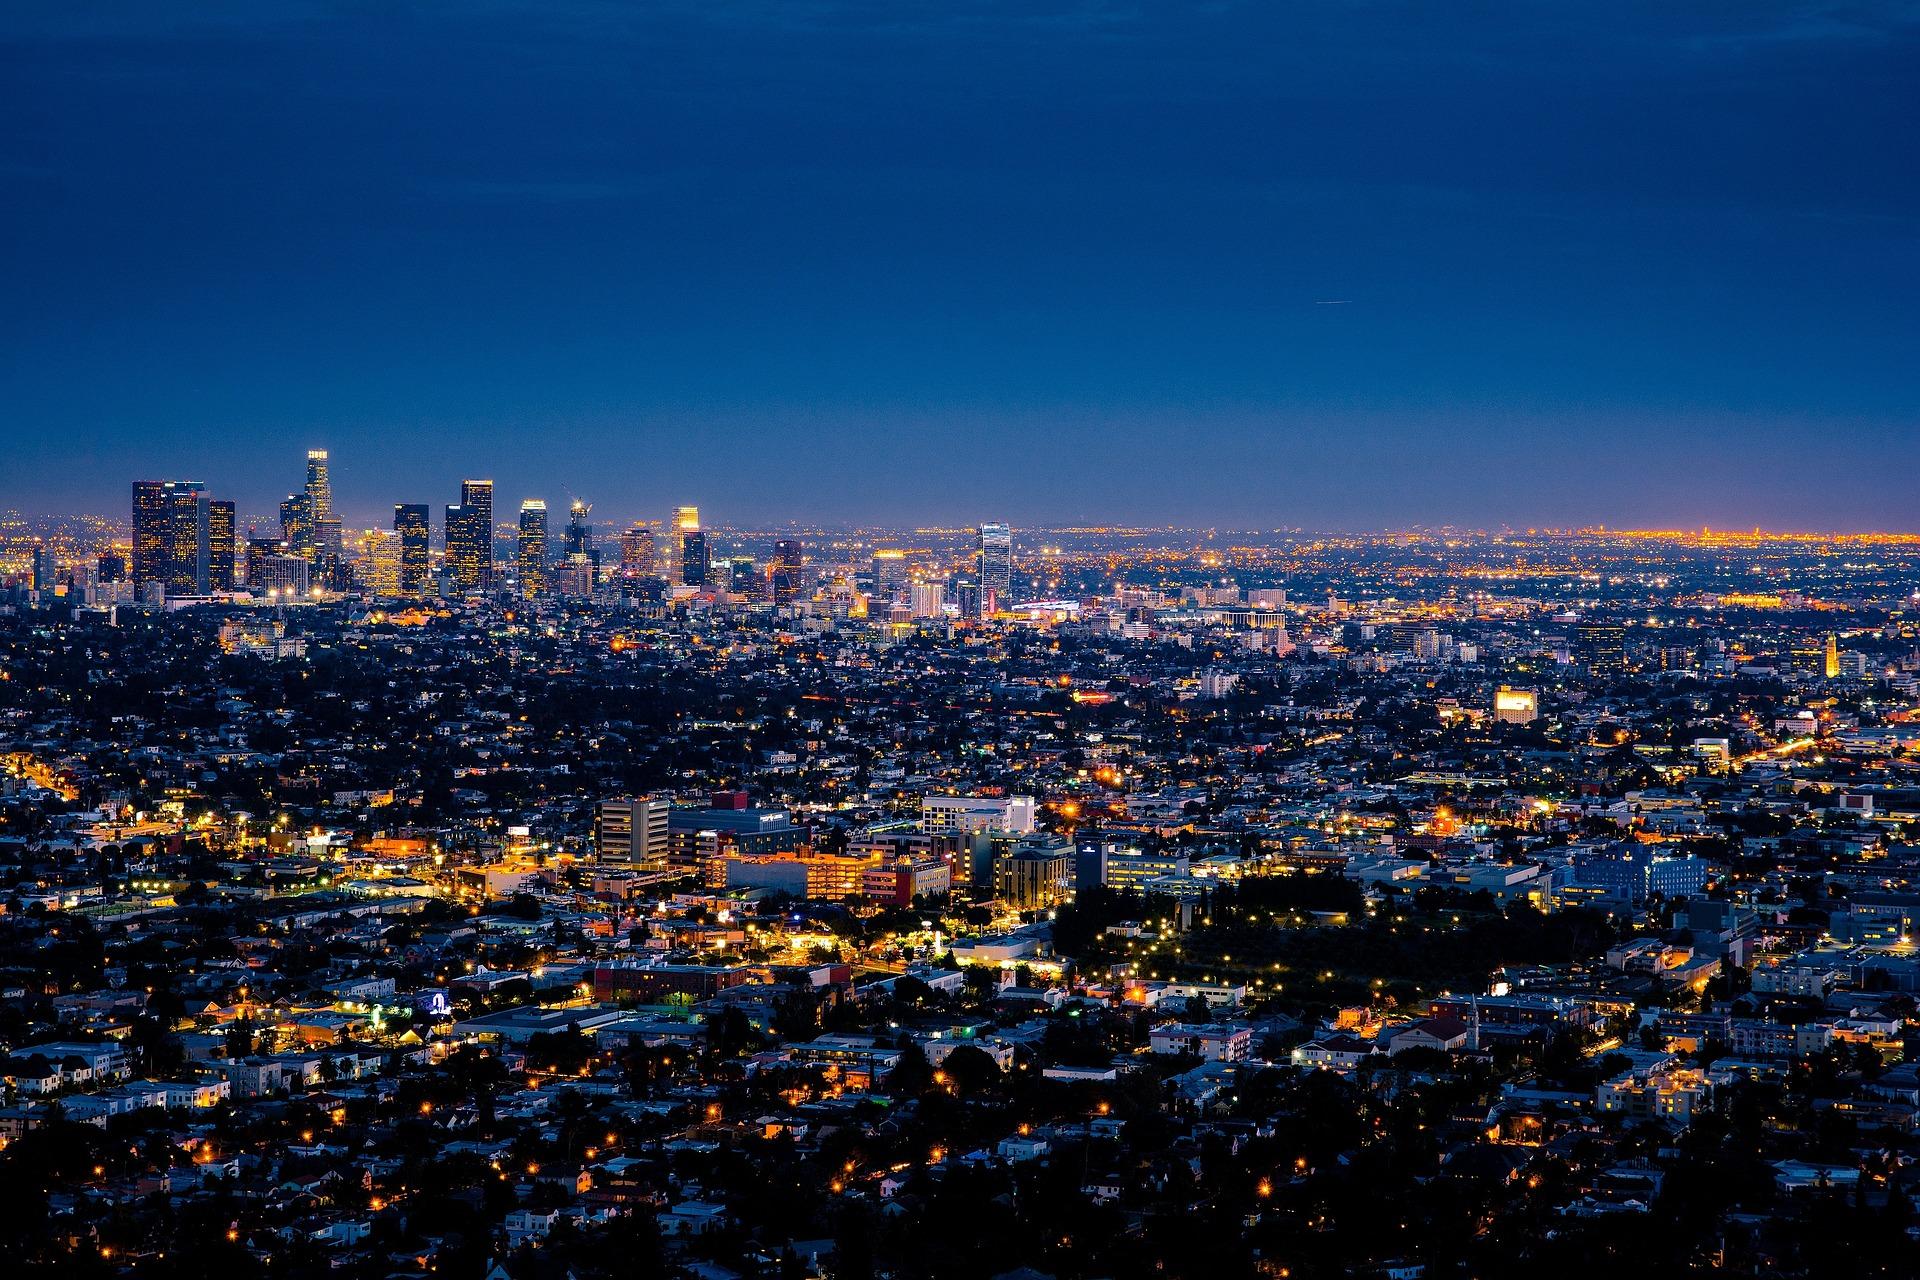 Los Angeles, California at night